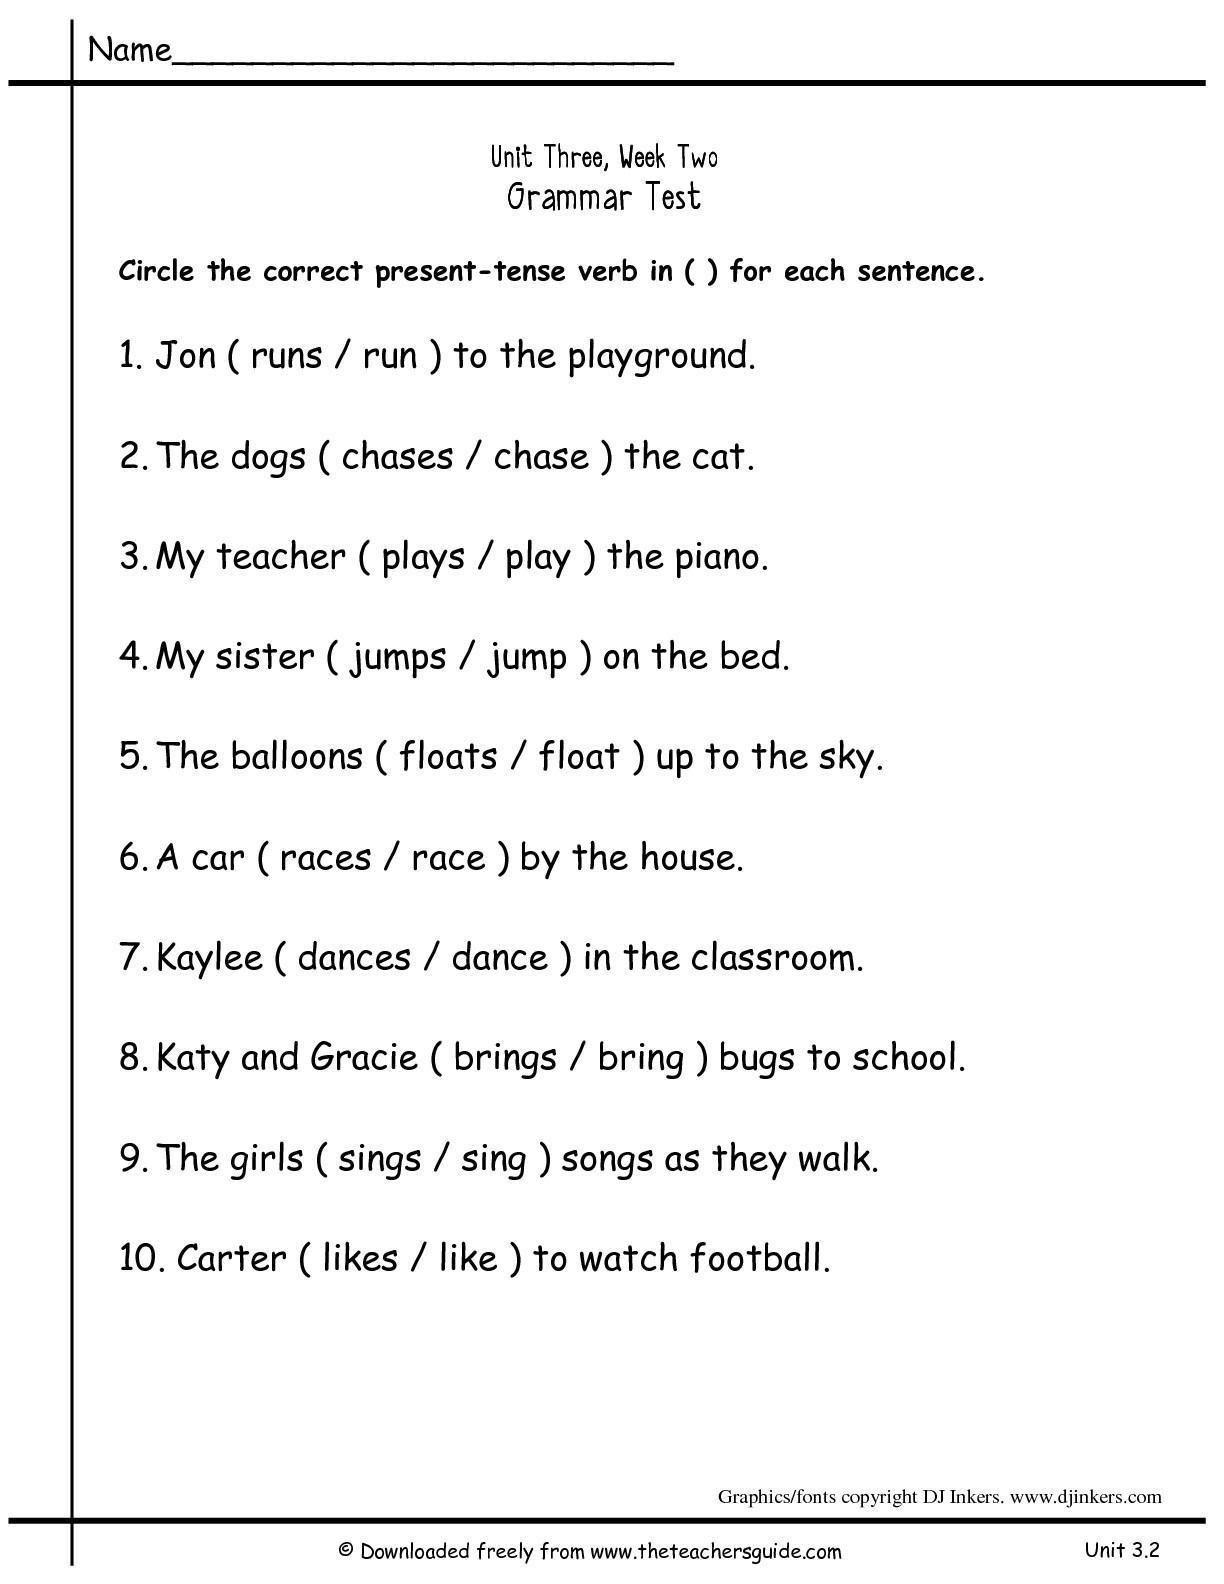 Worksheet on verbs grade 2 #1149119 - Worksheets library   Verb worksheets [ 1584 x 1224 Pixel ]